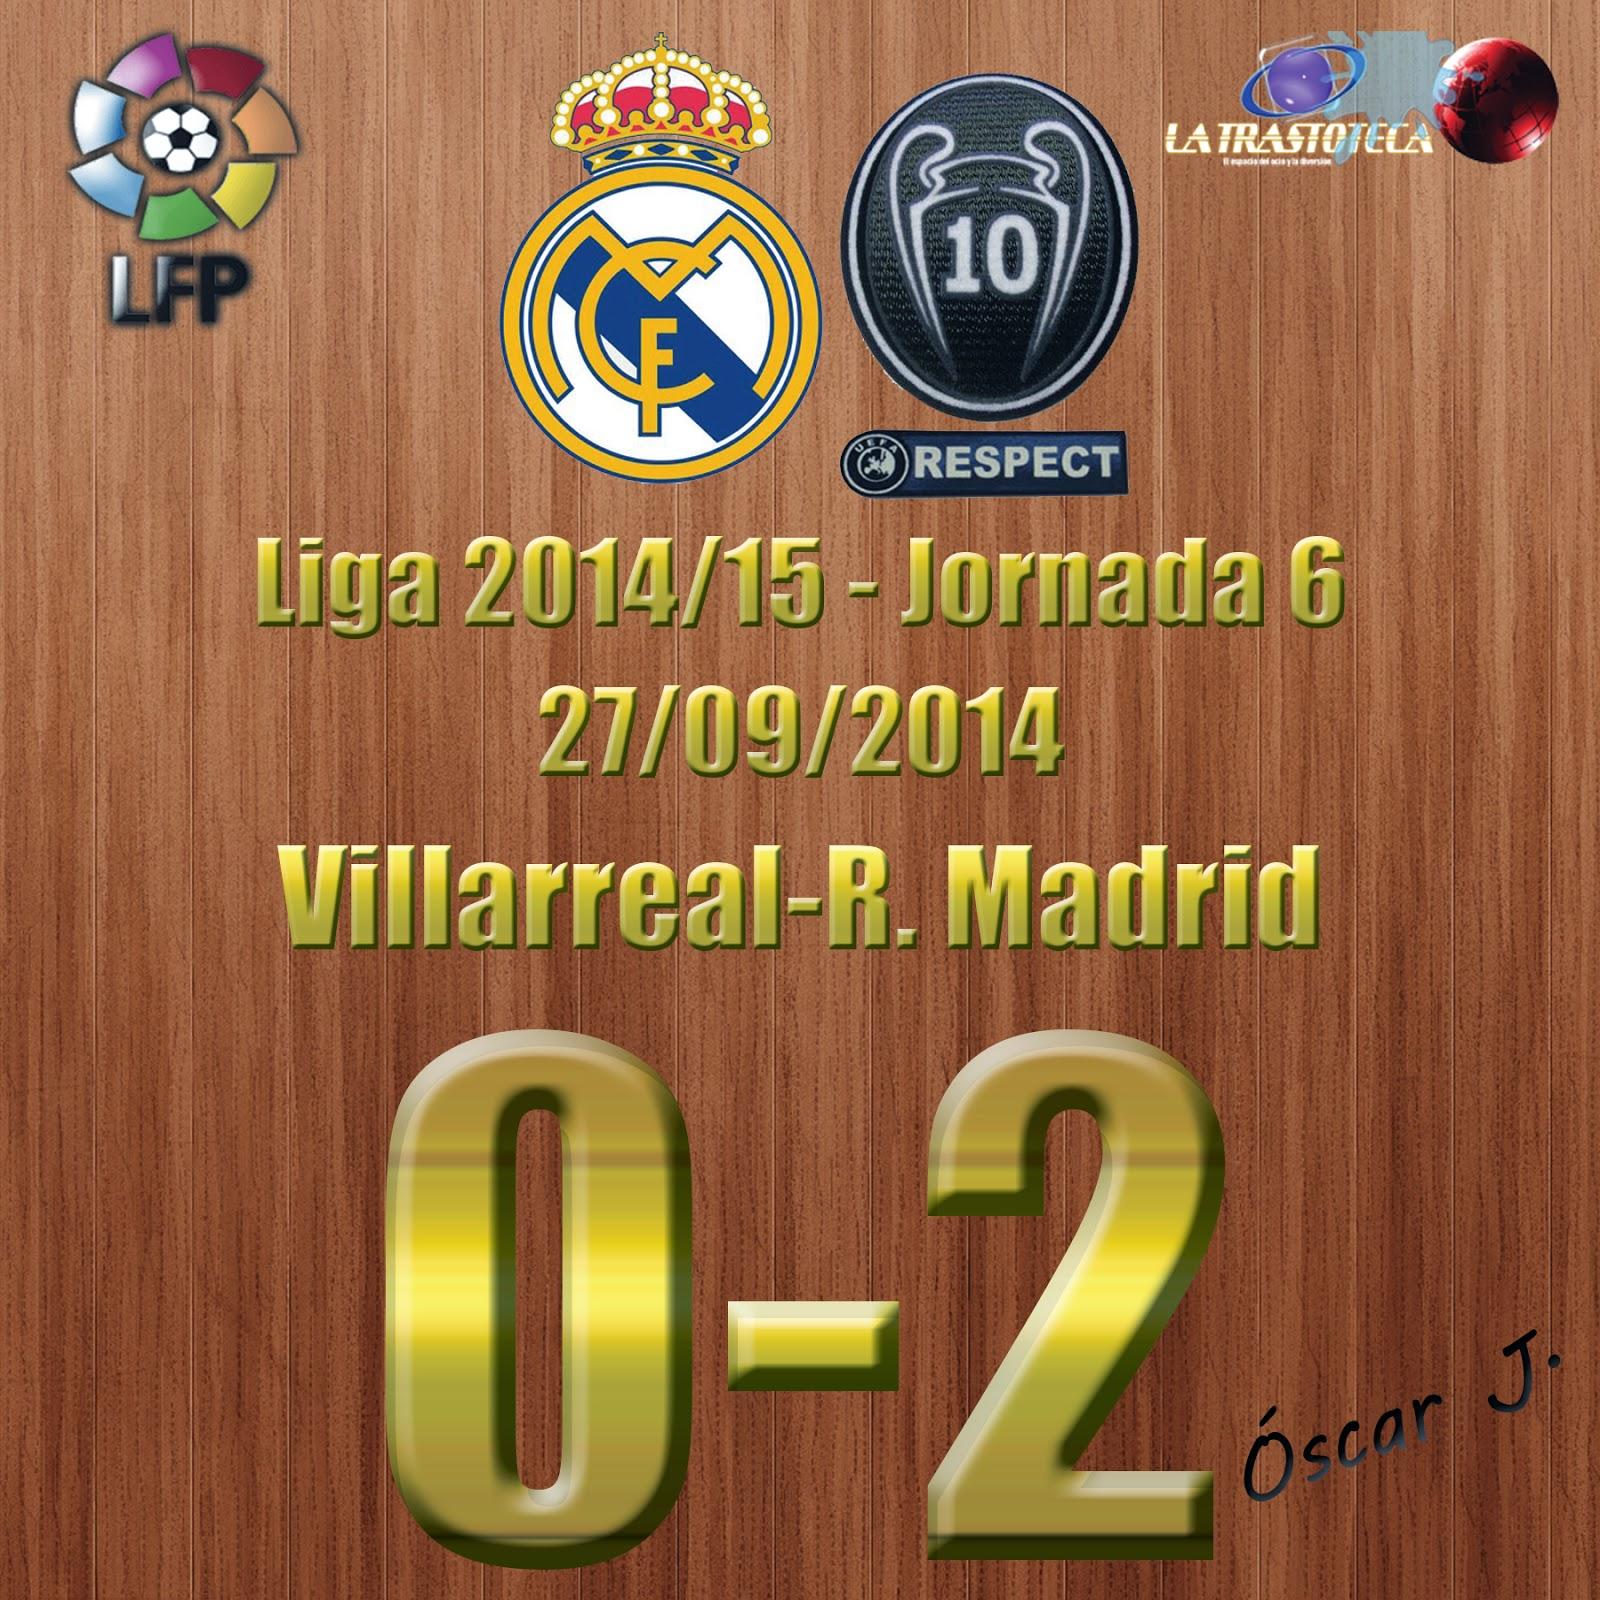 Villarreal 0-2 Real Madrid. Cristiano Ronaldo Pichichi con 10 goles